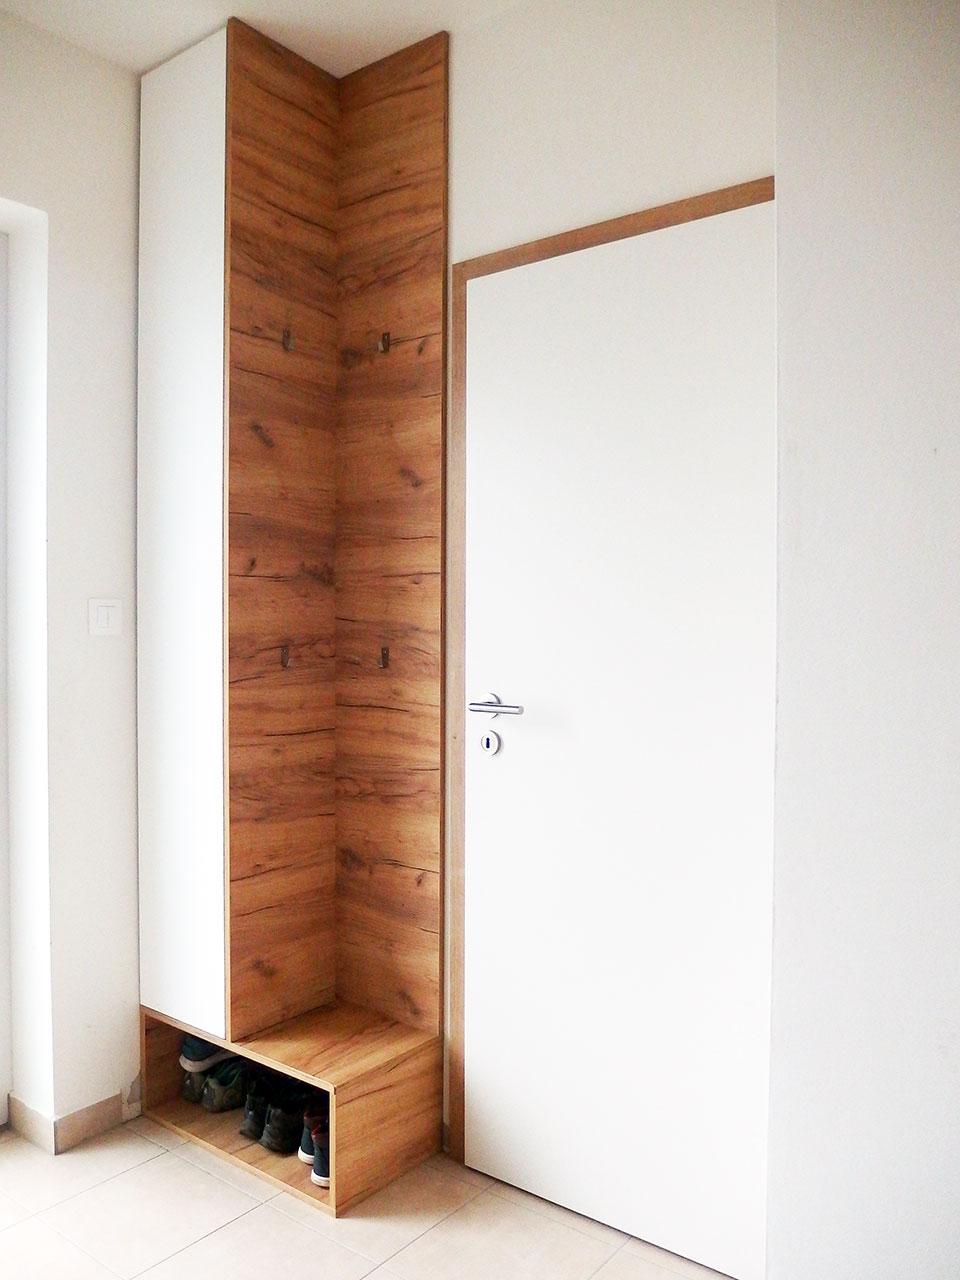 Realizace kompletního interieru vč. skříně s pantovými dveřmi do chodby Praha 9